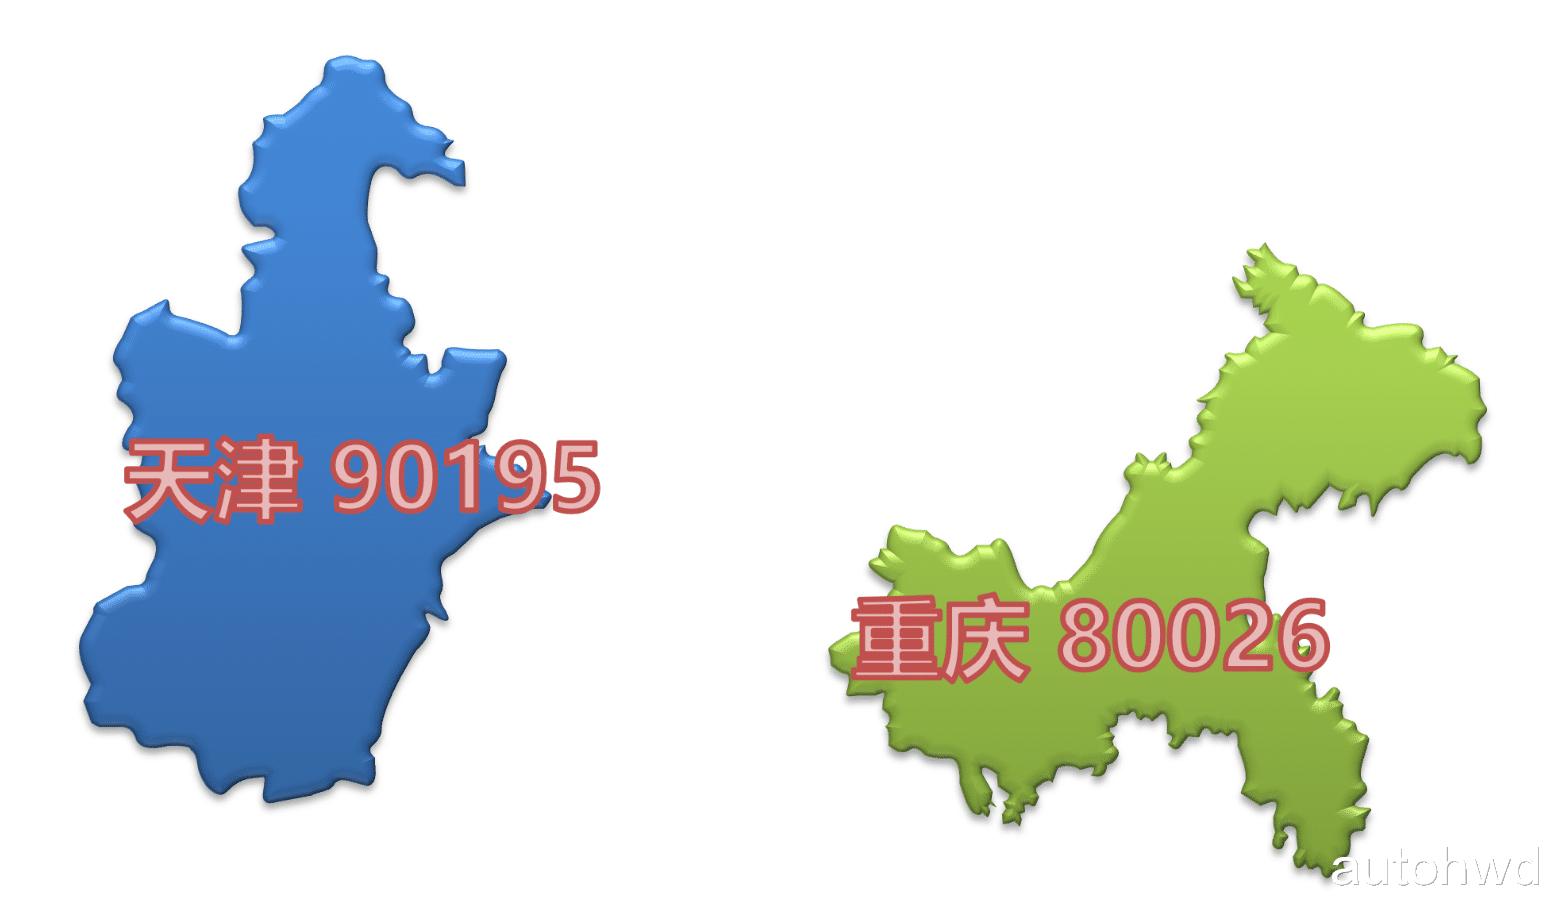 西安人均gdp_2017年西安gdp